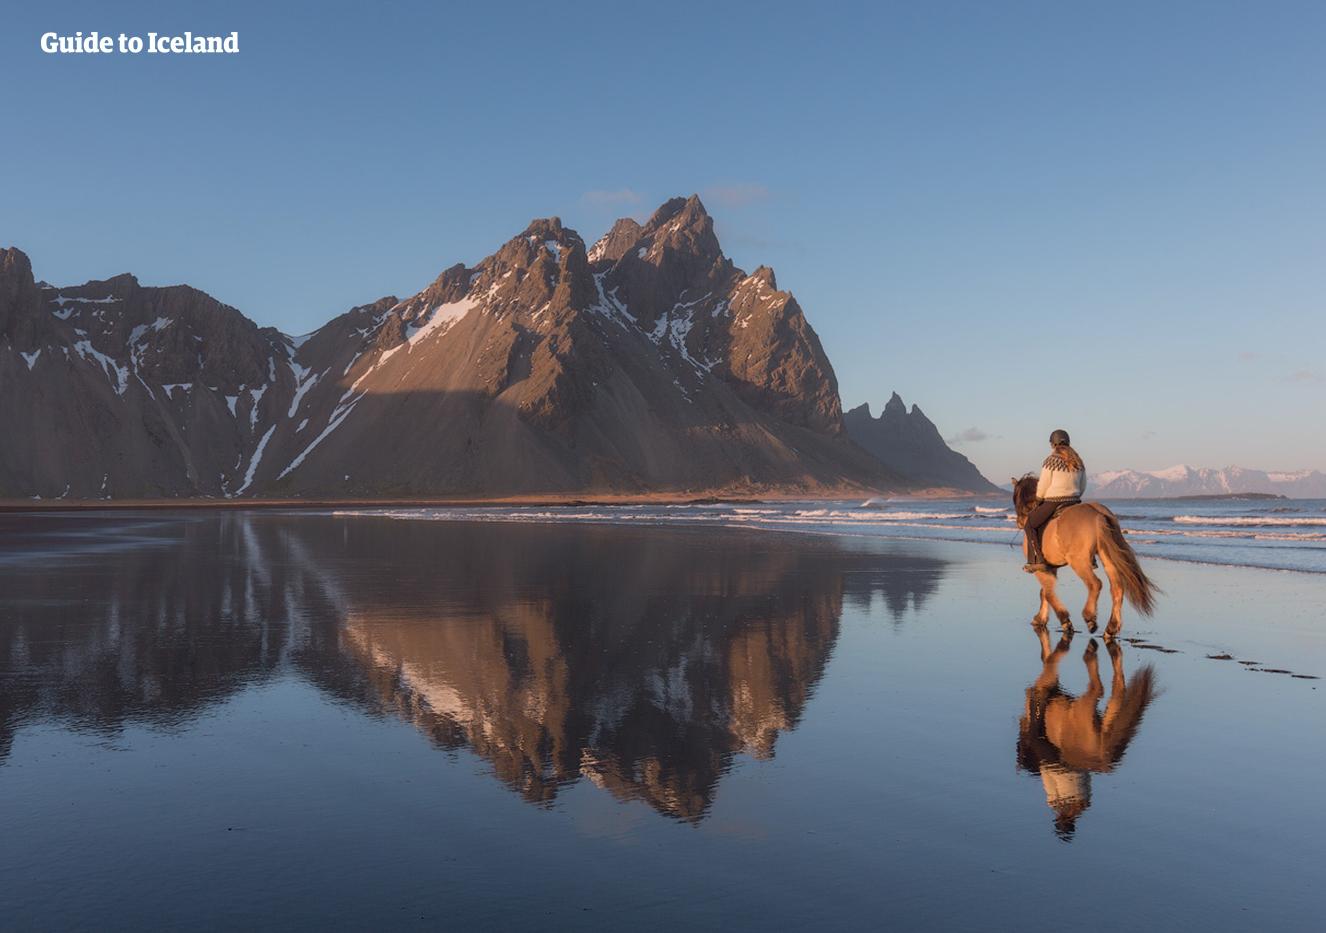 Montagnes escarpées et côtes féériques font tout le charme des fjords de l'Est.